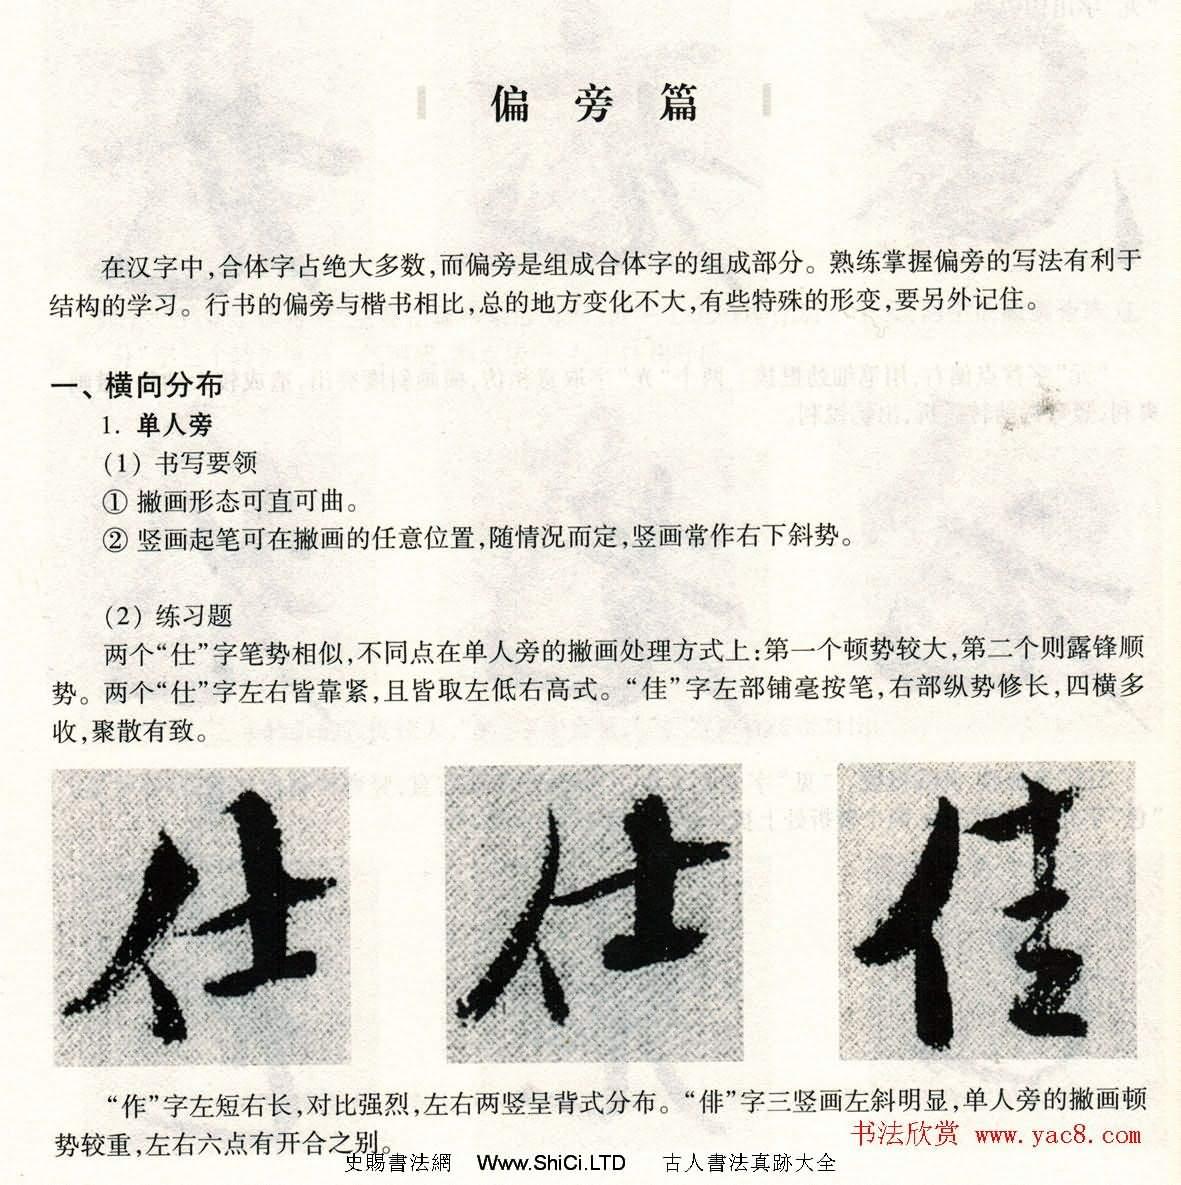 書法教程字帖《米芾蜀素帖技法--偏旁部首》(共48張圖片)